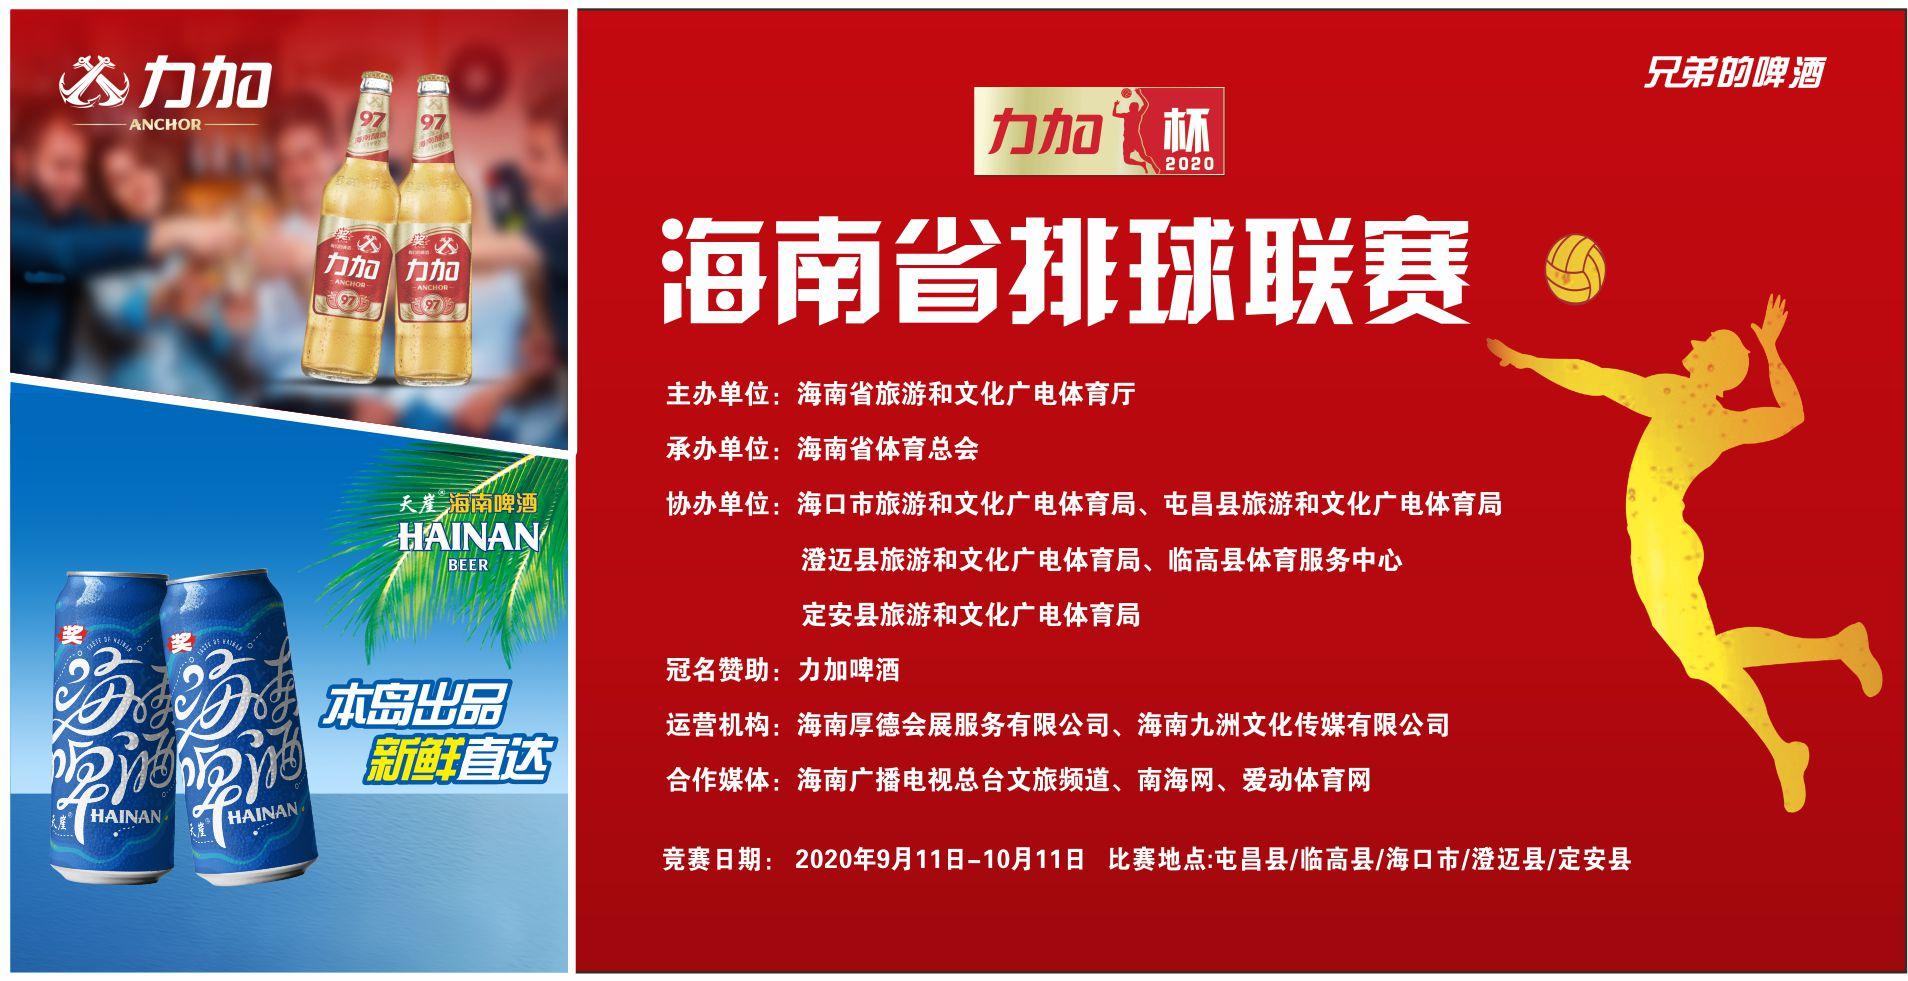 """【回放】2020""""力加杯""""biwei必威体育备用网站省排球联赛 9月20日早上 B组"""